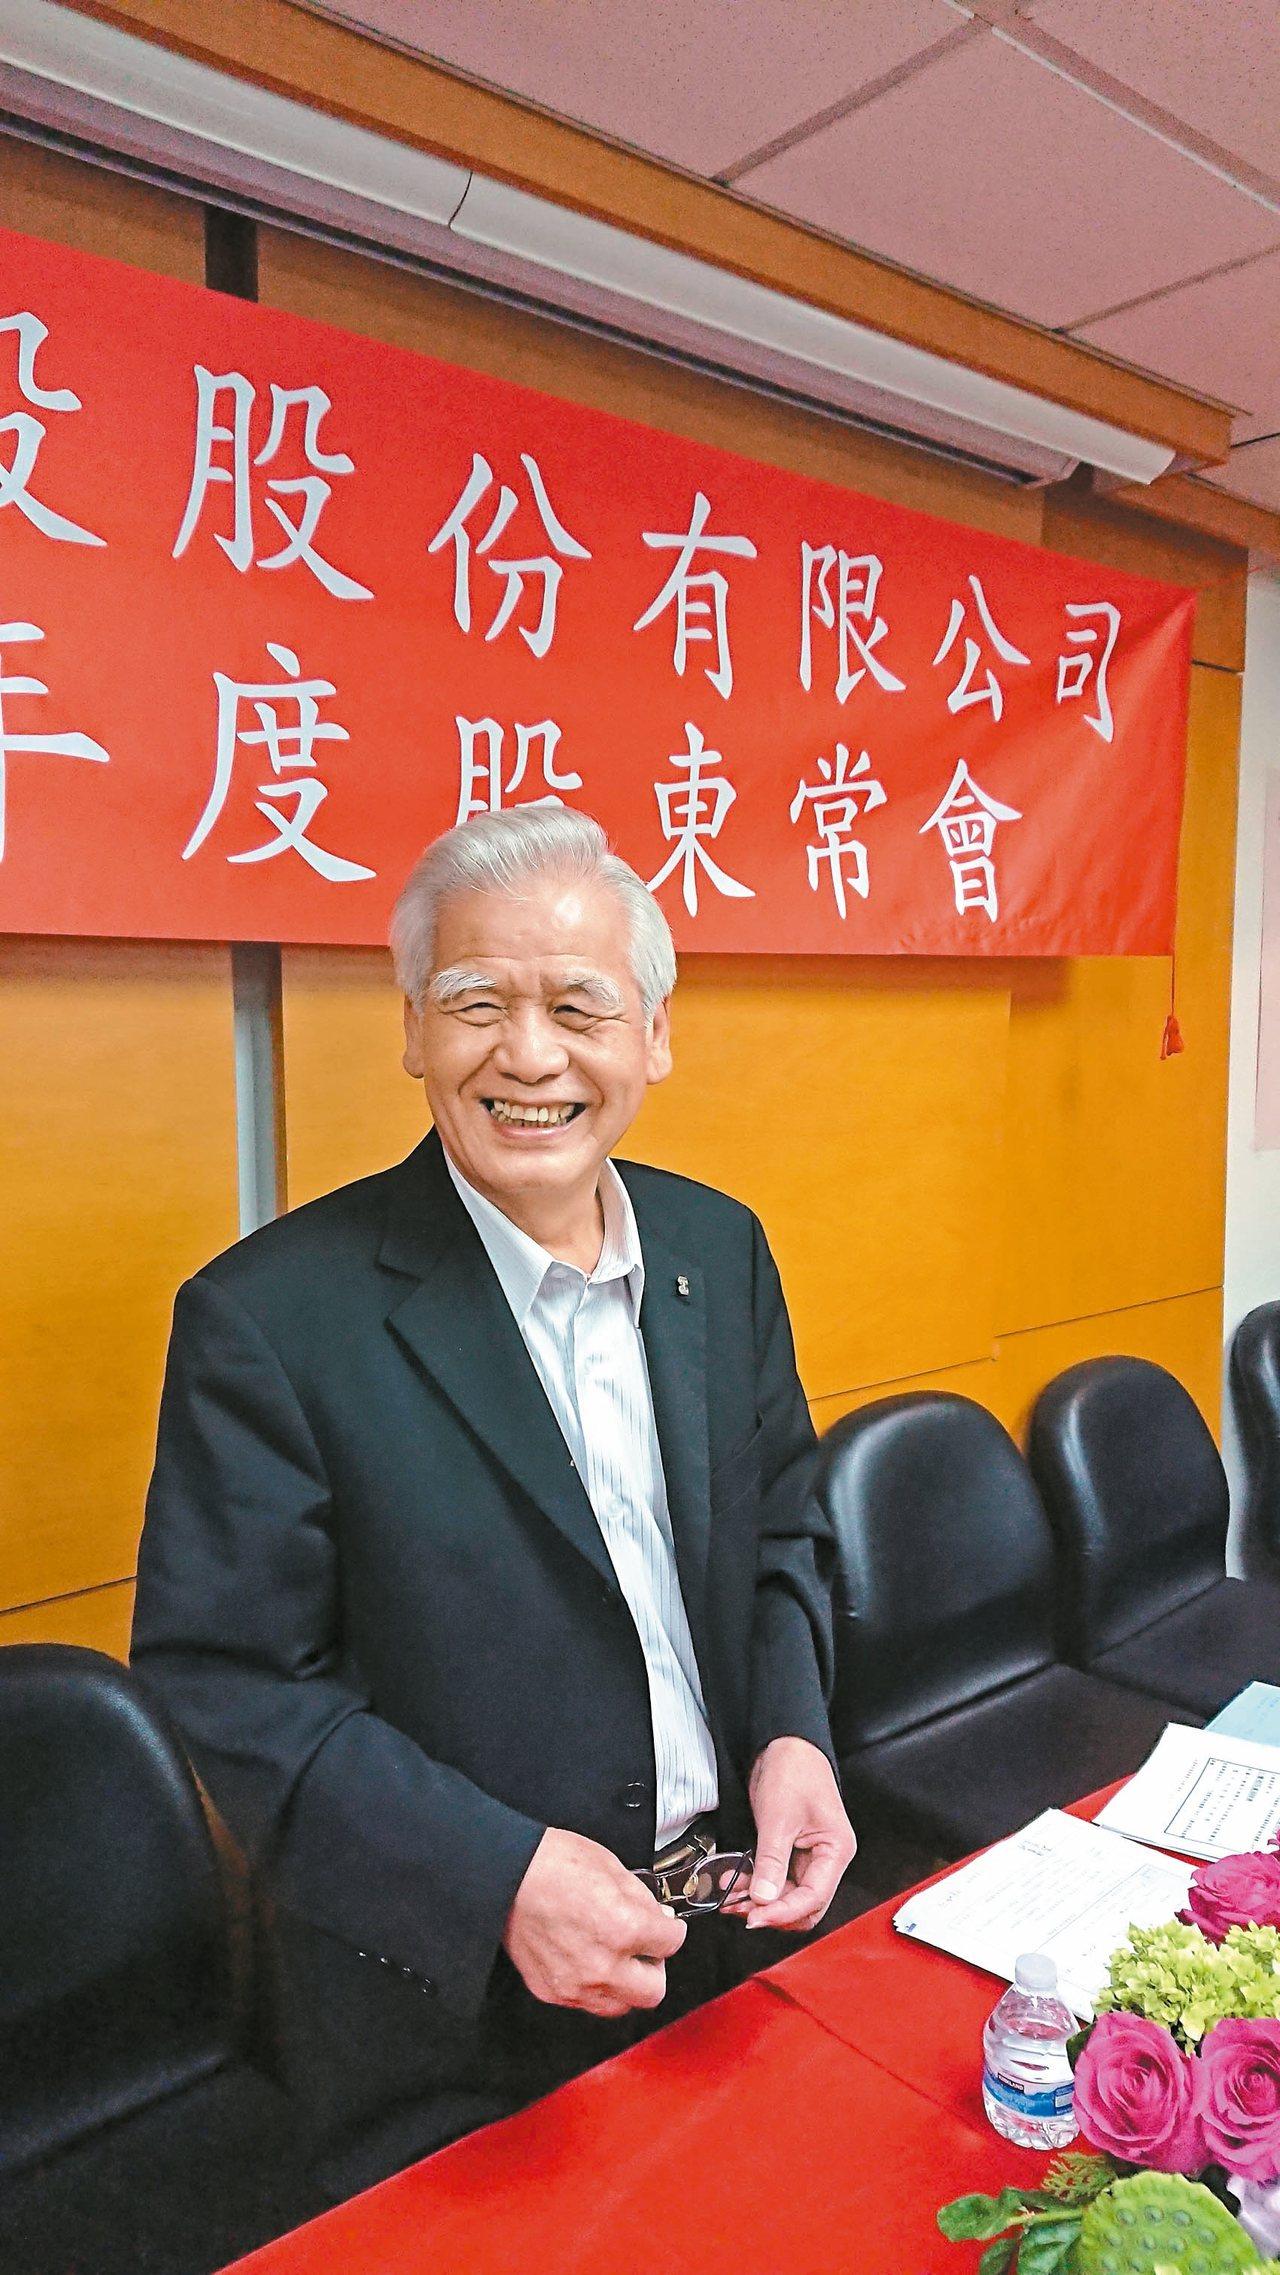 長虹建設董事長李文造 記者陳美玲/攝影